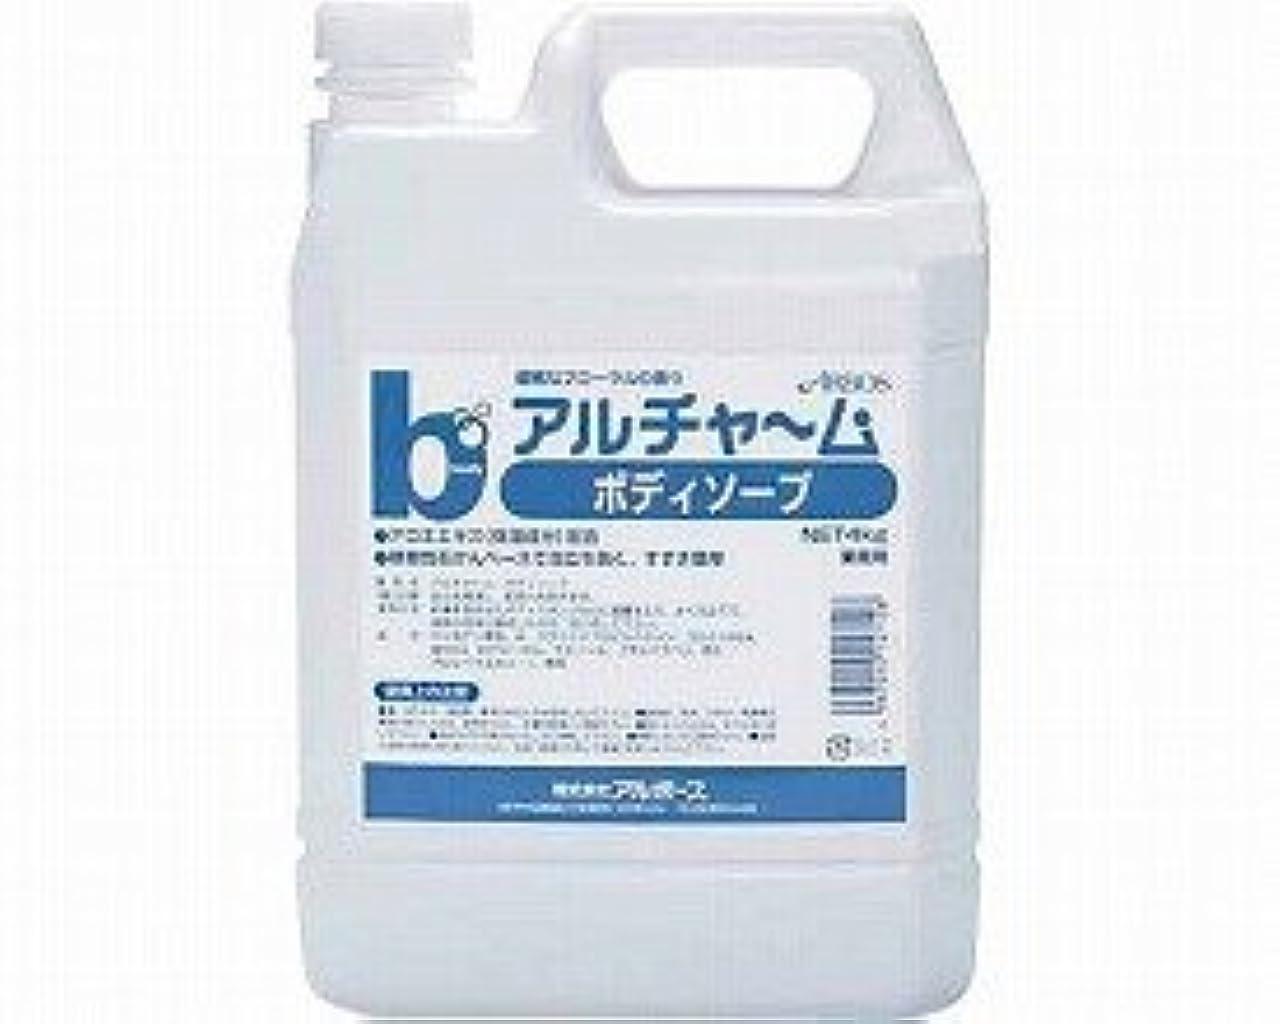 アルチャーム ボディソープ 4kg (アルボース) (清拭小物)